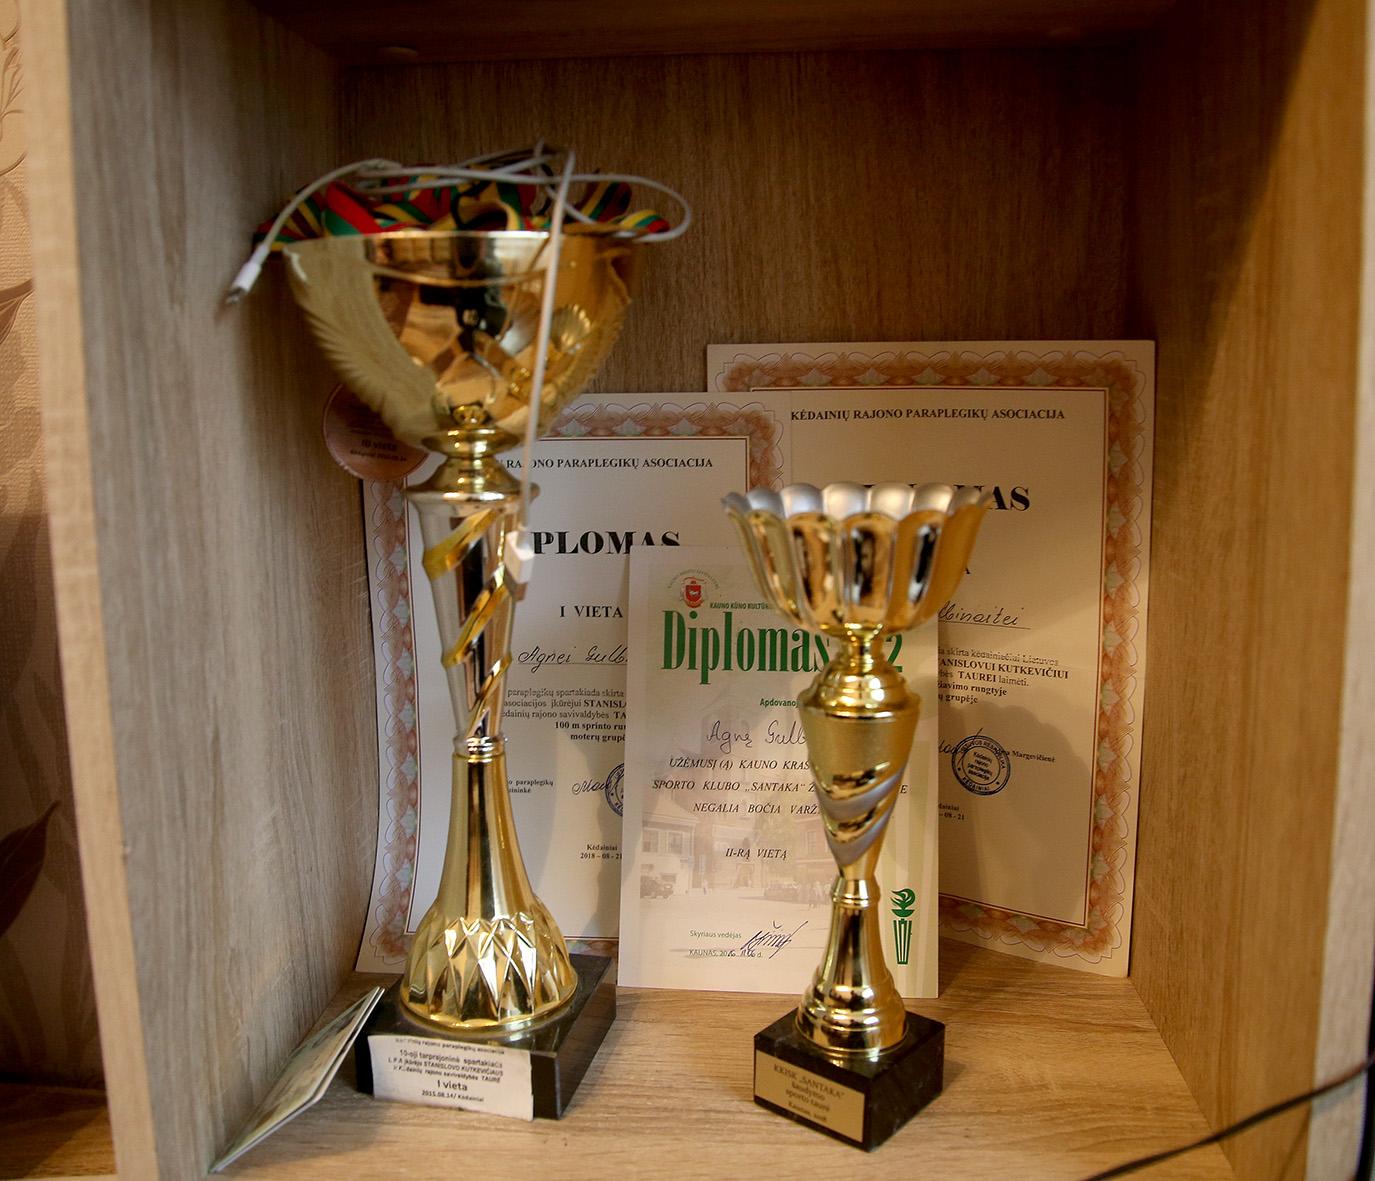 Ne vieną apdovanojimą bei medalį už nuopelnus sporte pelniusi mergina dvi dienas per savaitę dalyvauja Kėdainių rajono paraplegikų asociacijos šokių bei sporto užsiėmimuose. Algimanto Barzdžiaus nuotr.